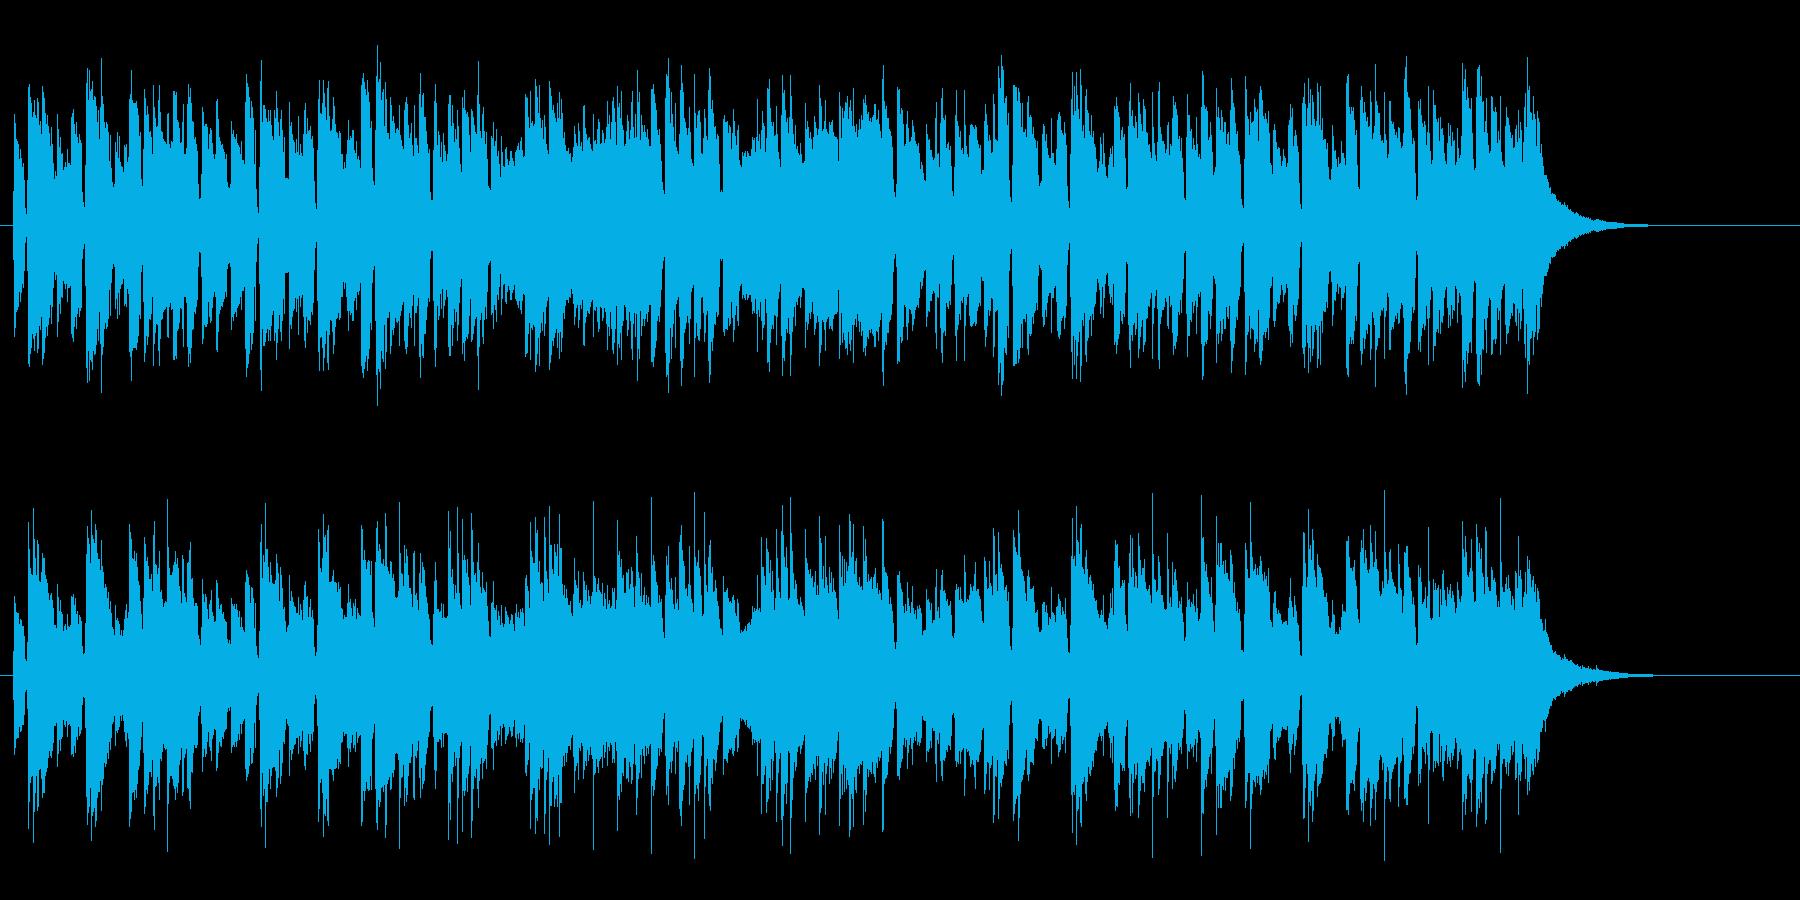 寂しげなアコースティックギターポップスの再生済みの波形